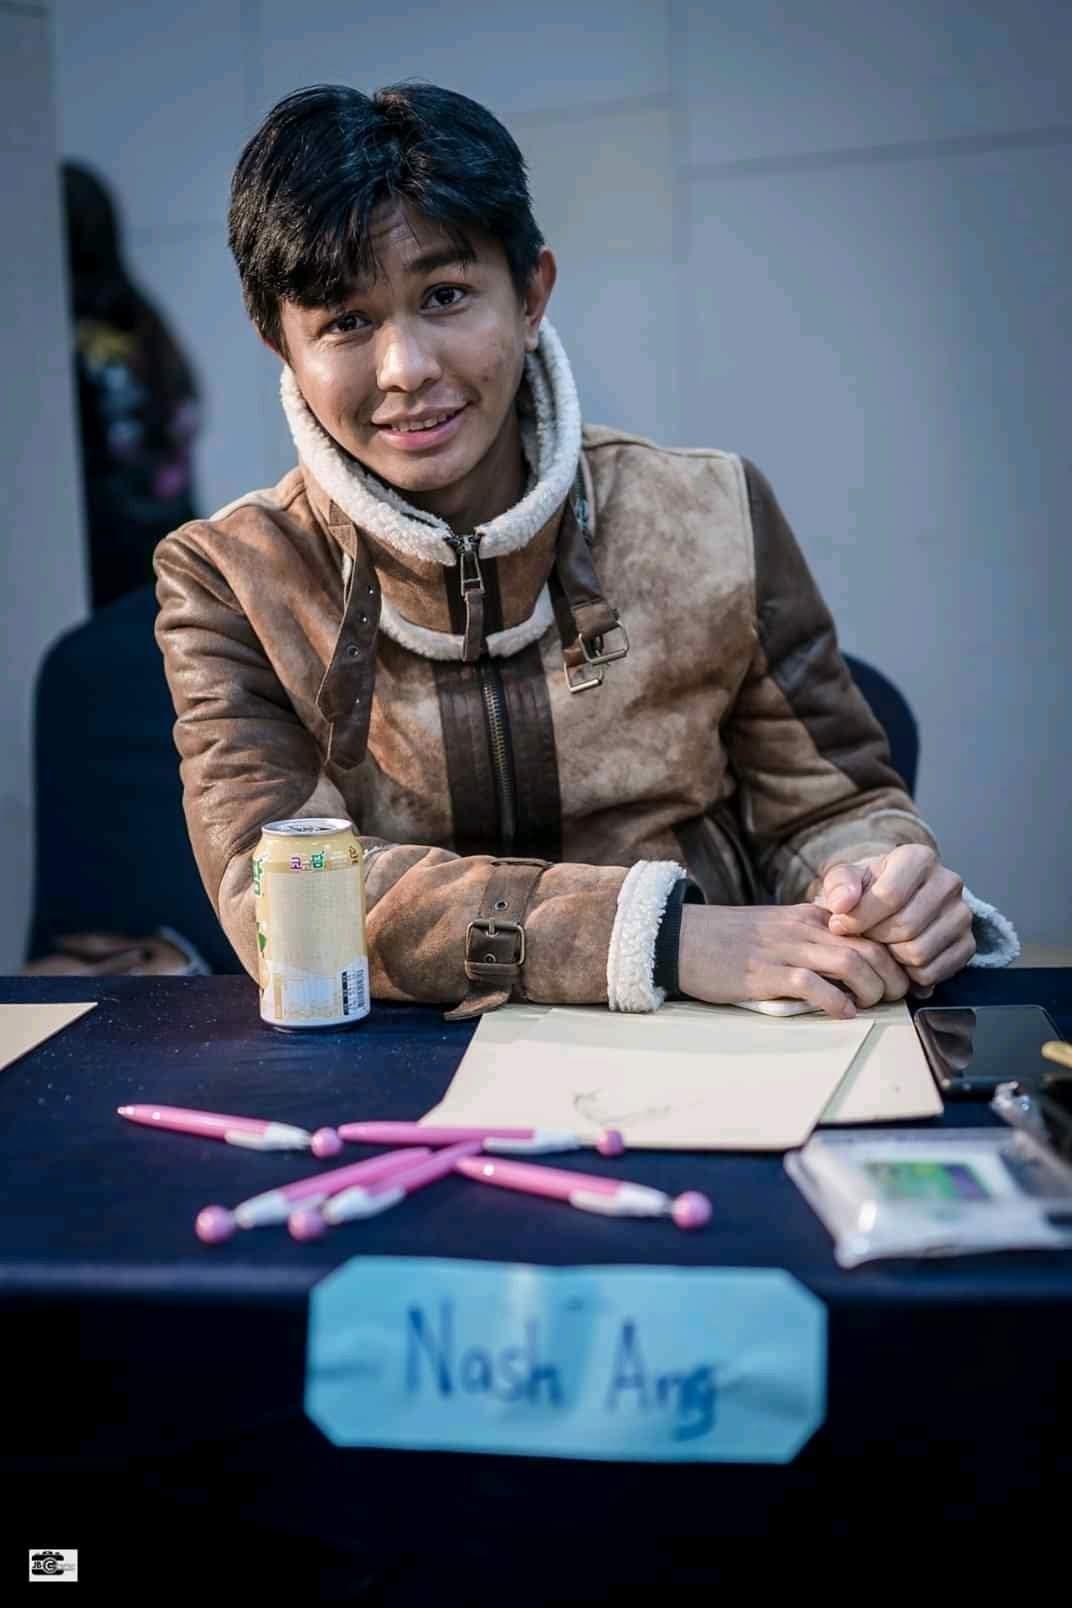 Nash Ang, Filipino filmmaker in South Korea